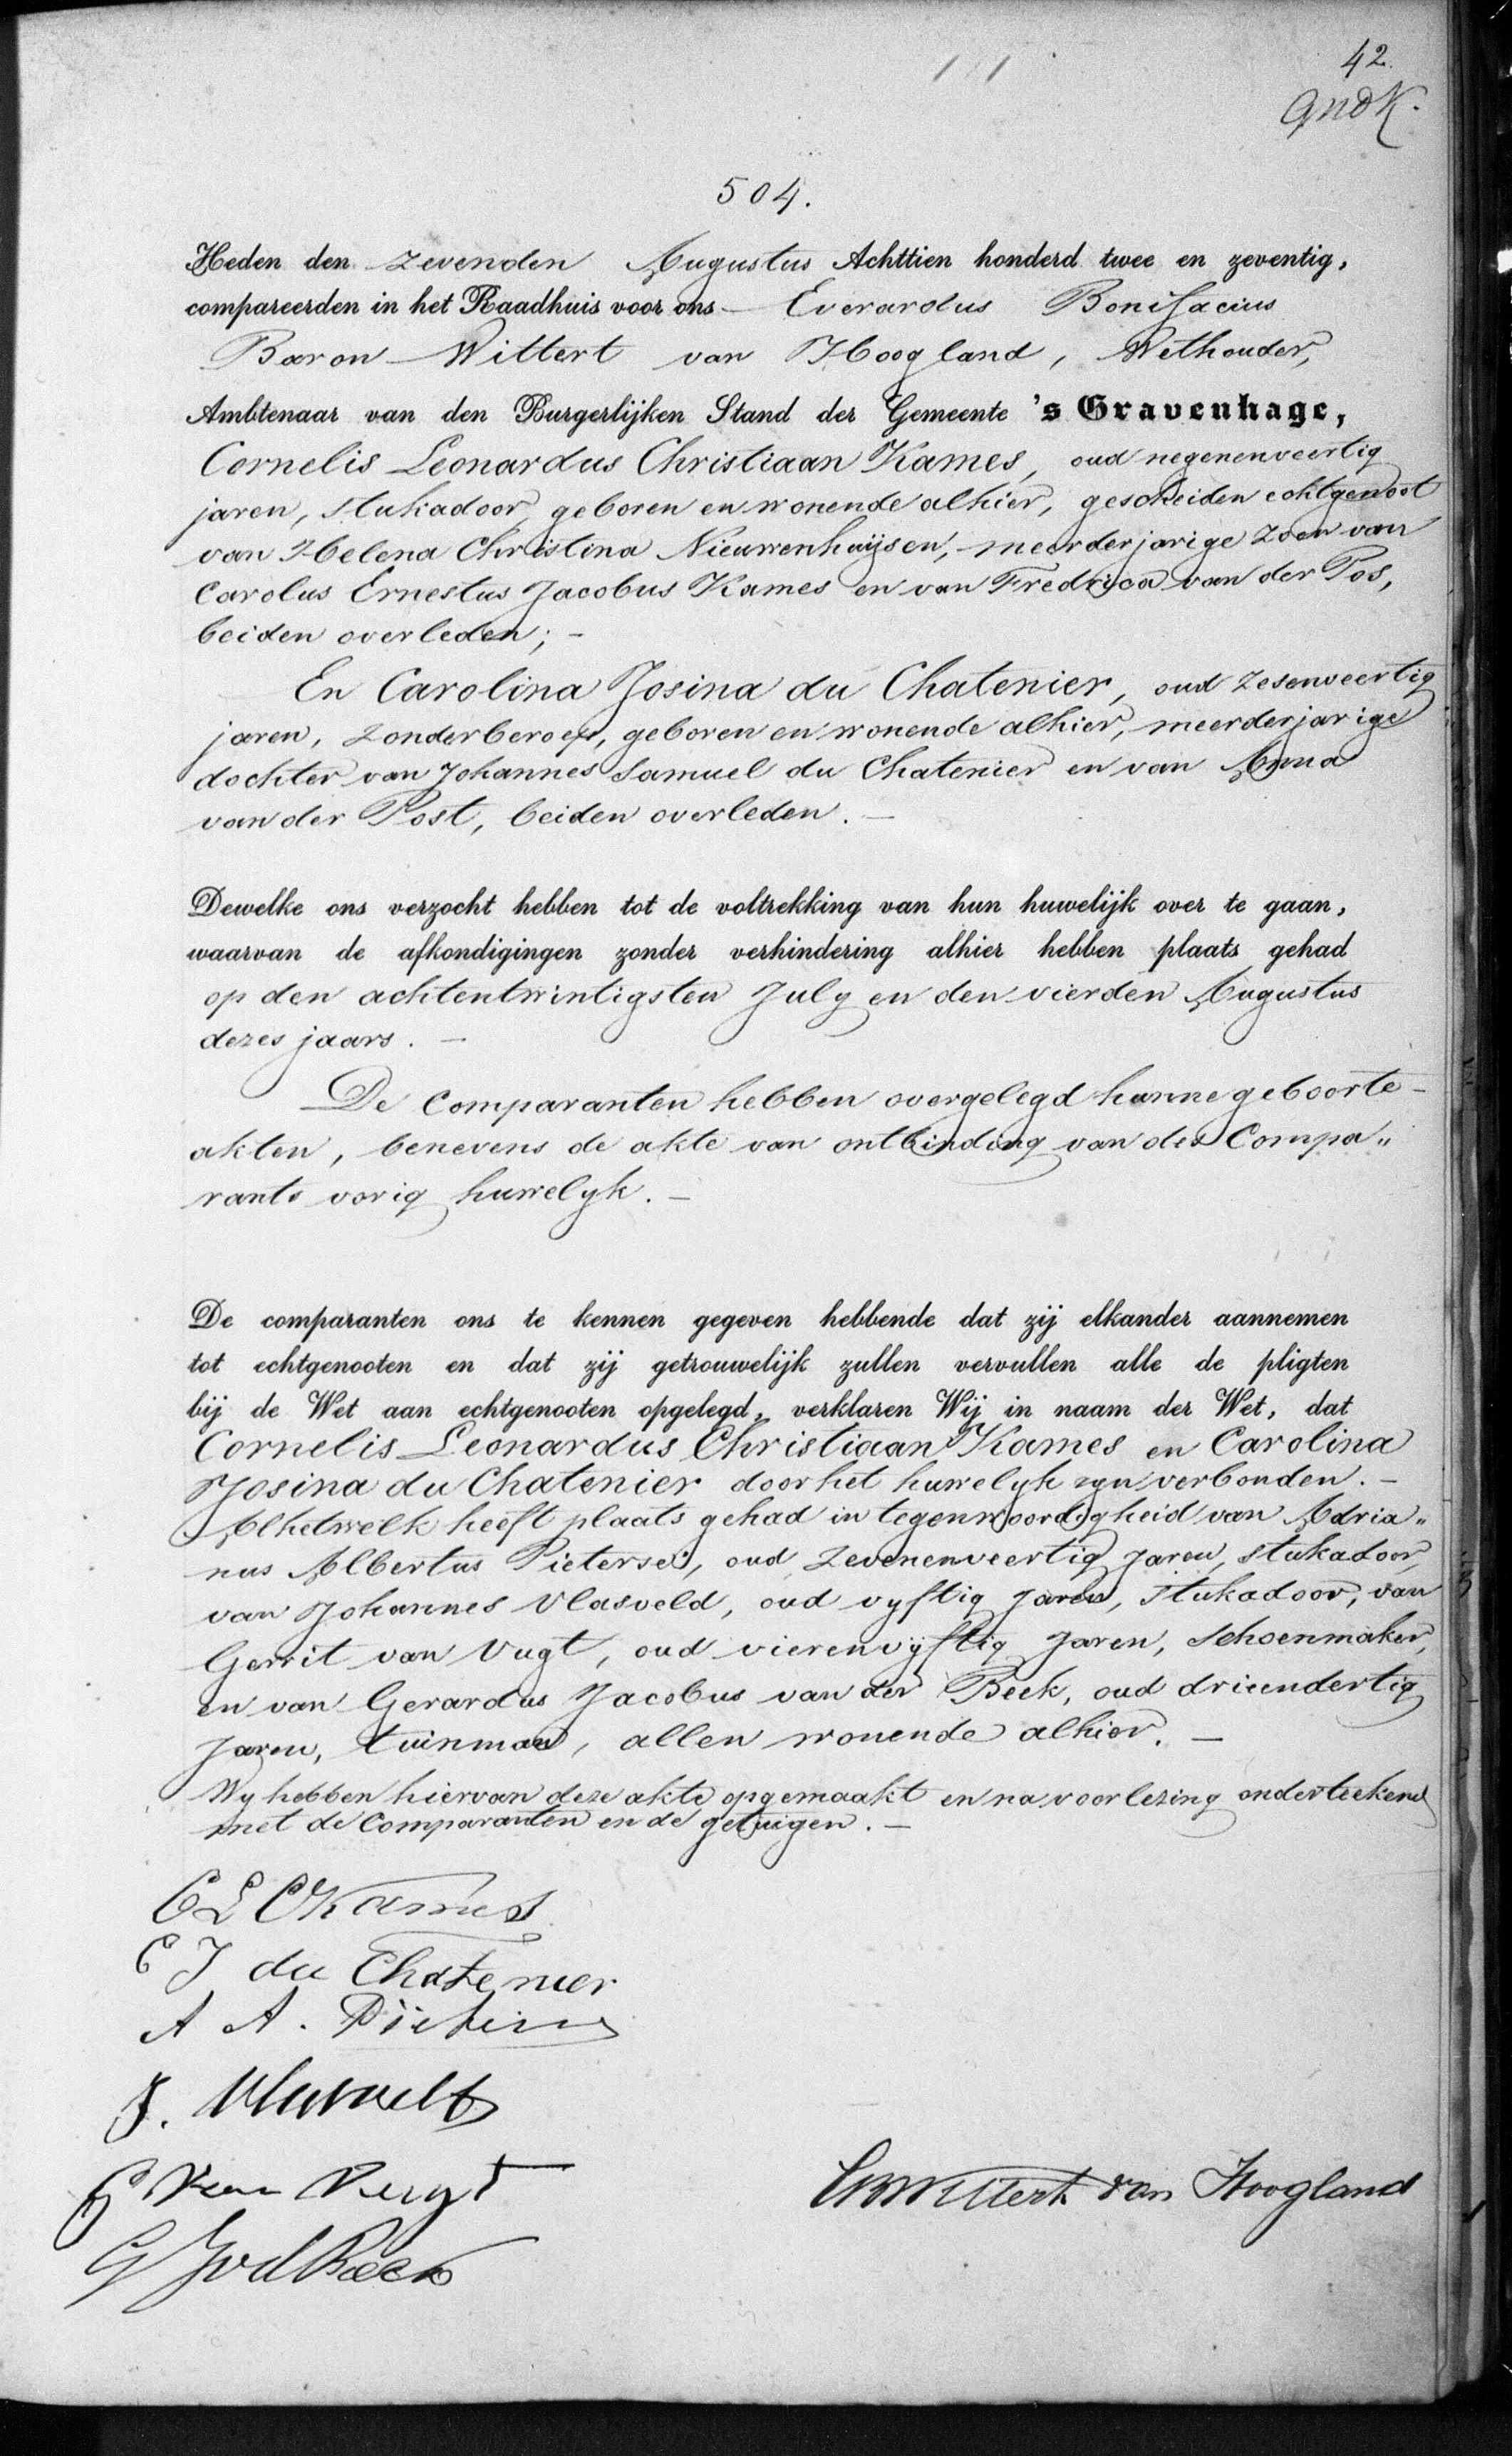 Cornelis Leonardus Christiaan Kames